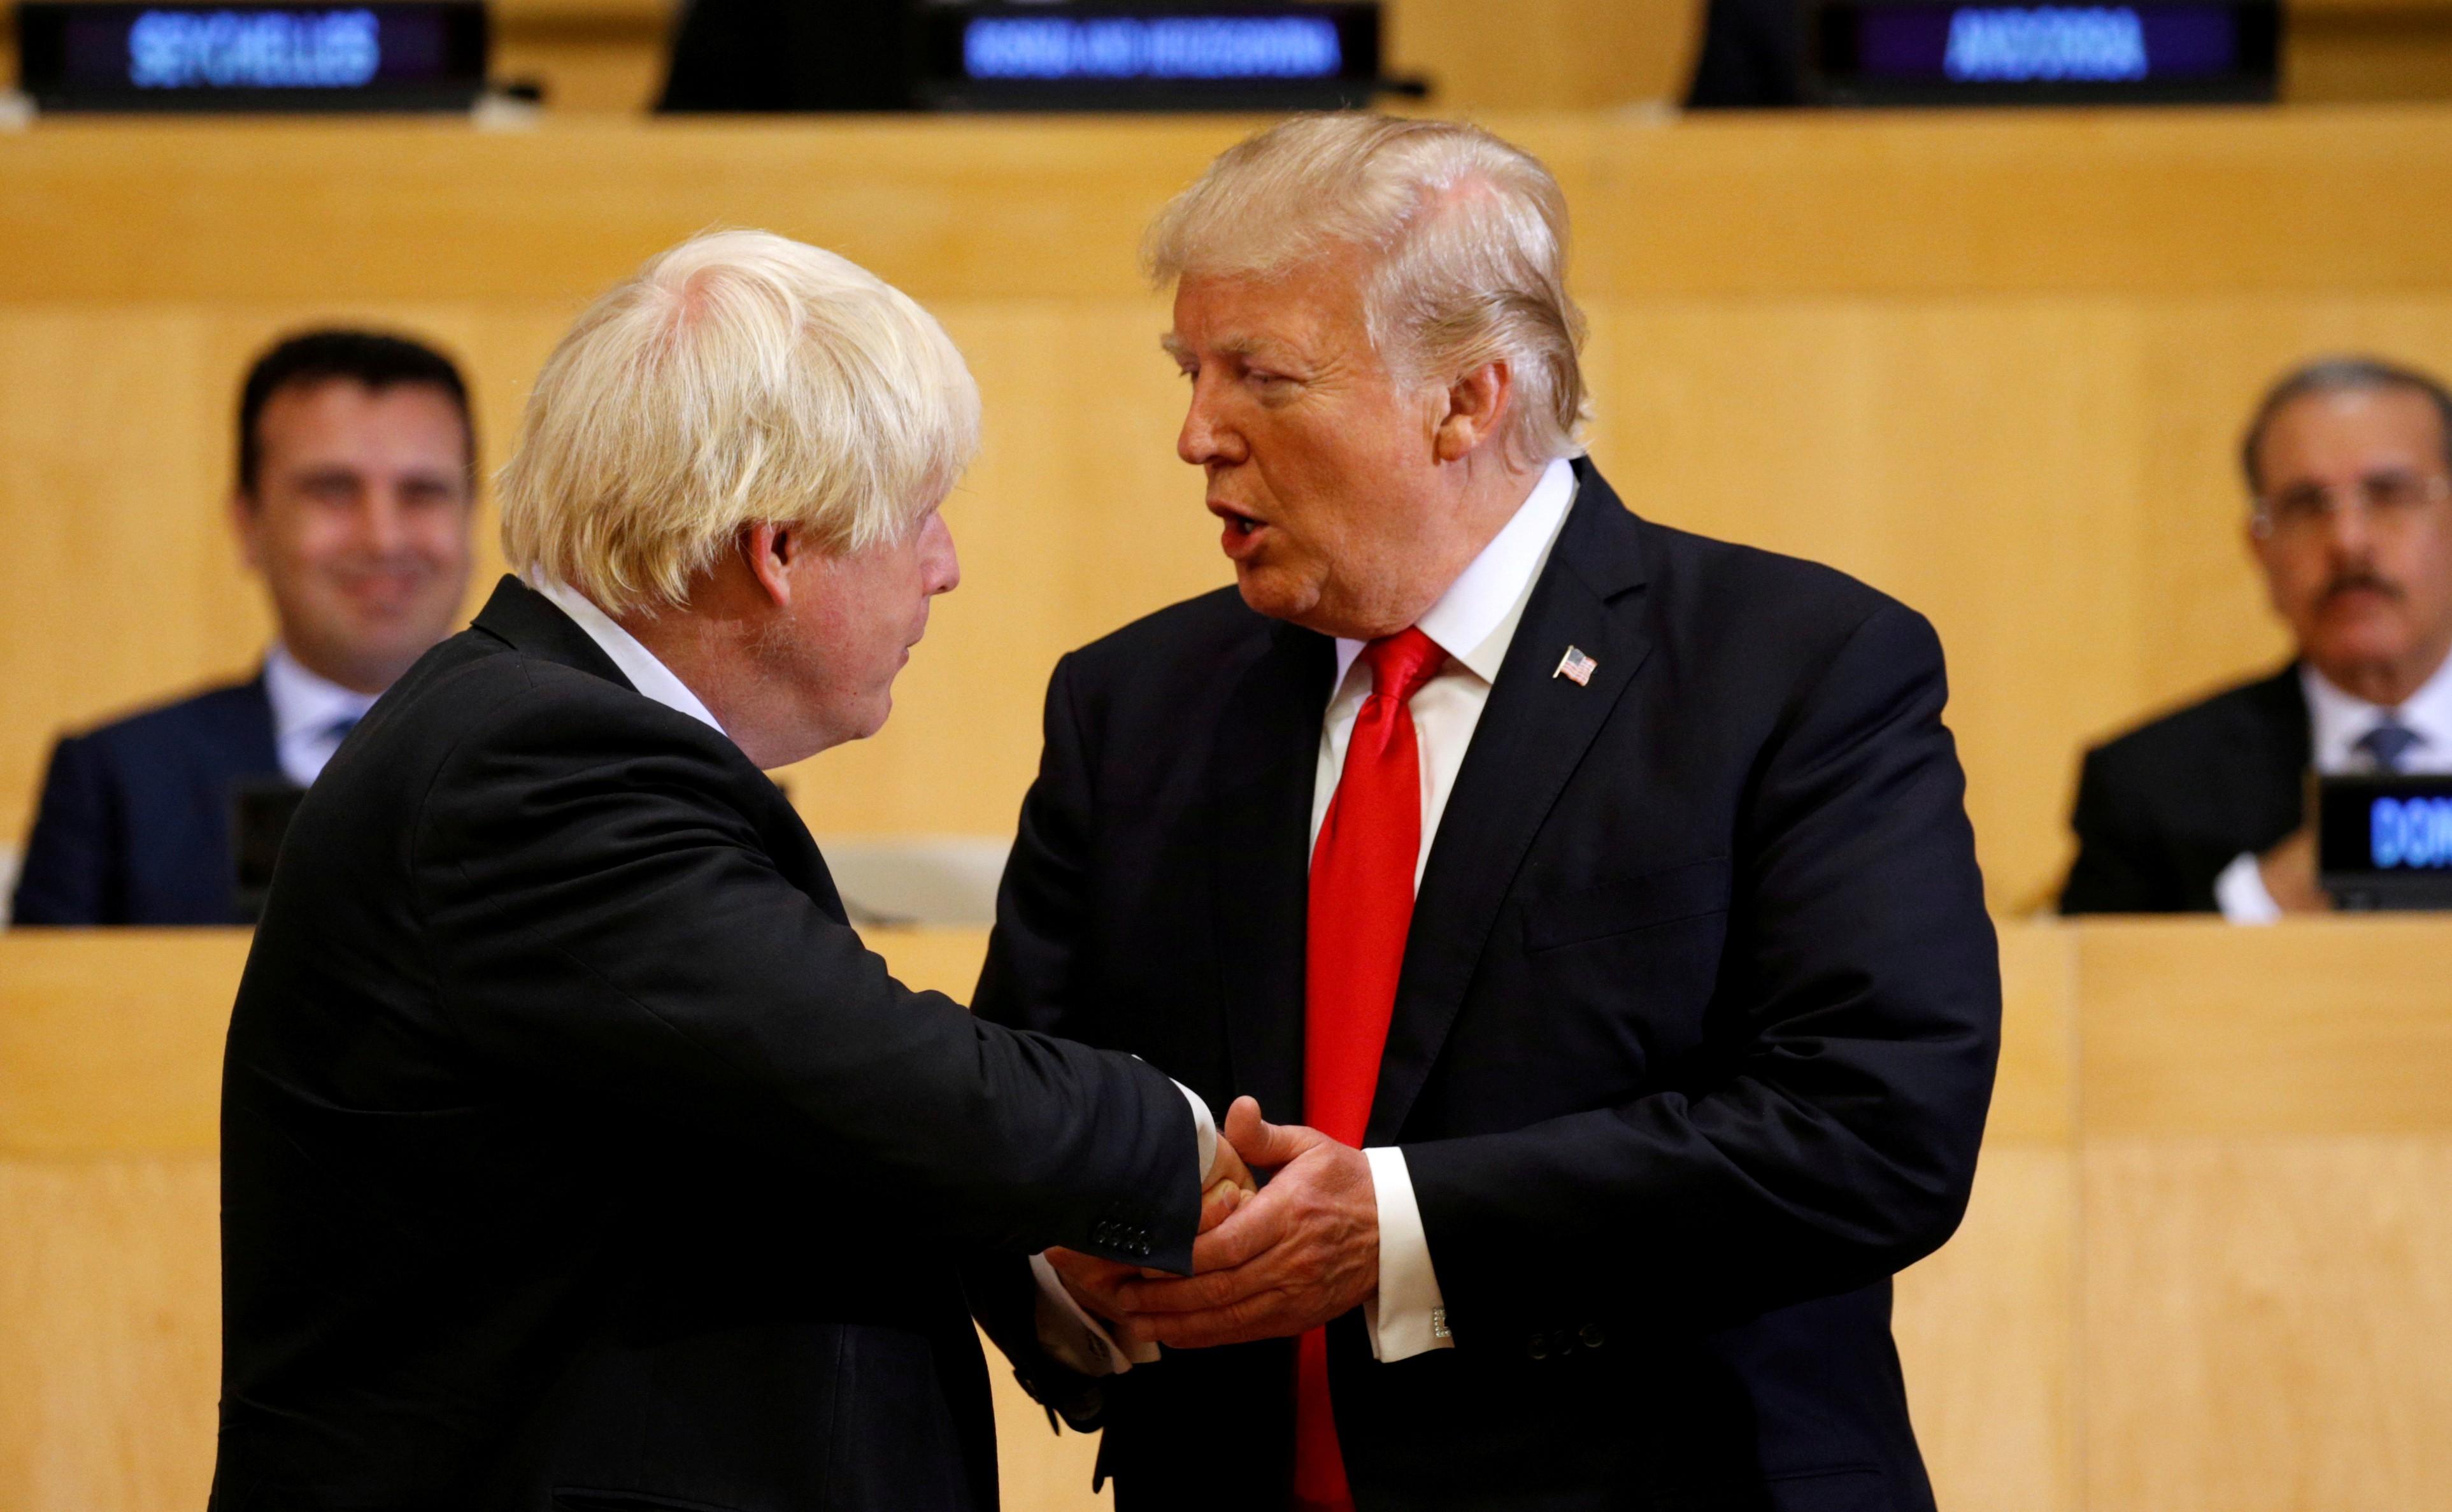 Trump oferece acordo comercial 'muito grande' a Reino Unido pós-Brexit - Notícias - Plantão Diário